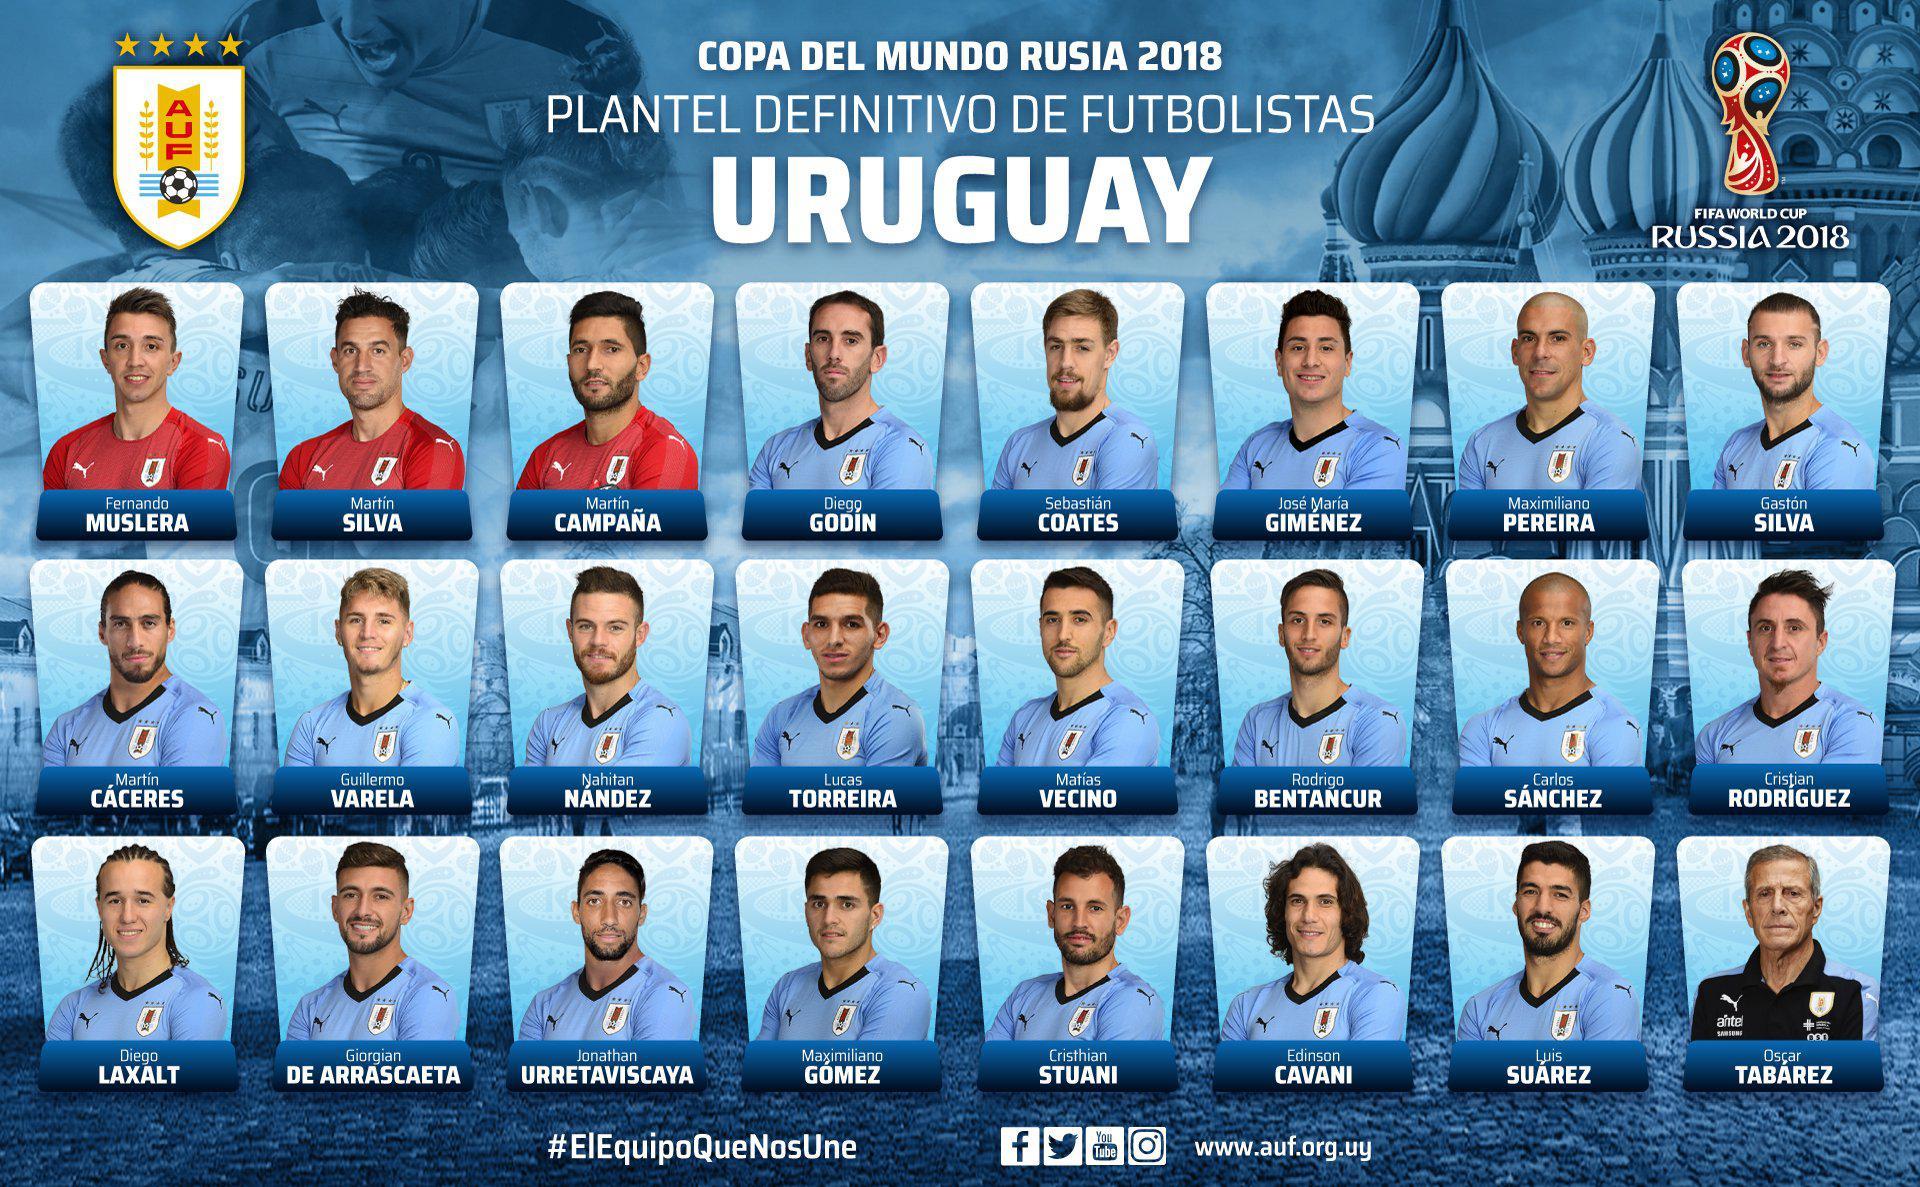 乌拉圭世界杯23人:苏亚雷斯卡瓦尼领衔 马竞双闸